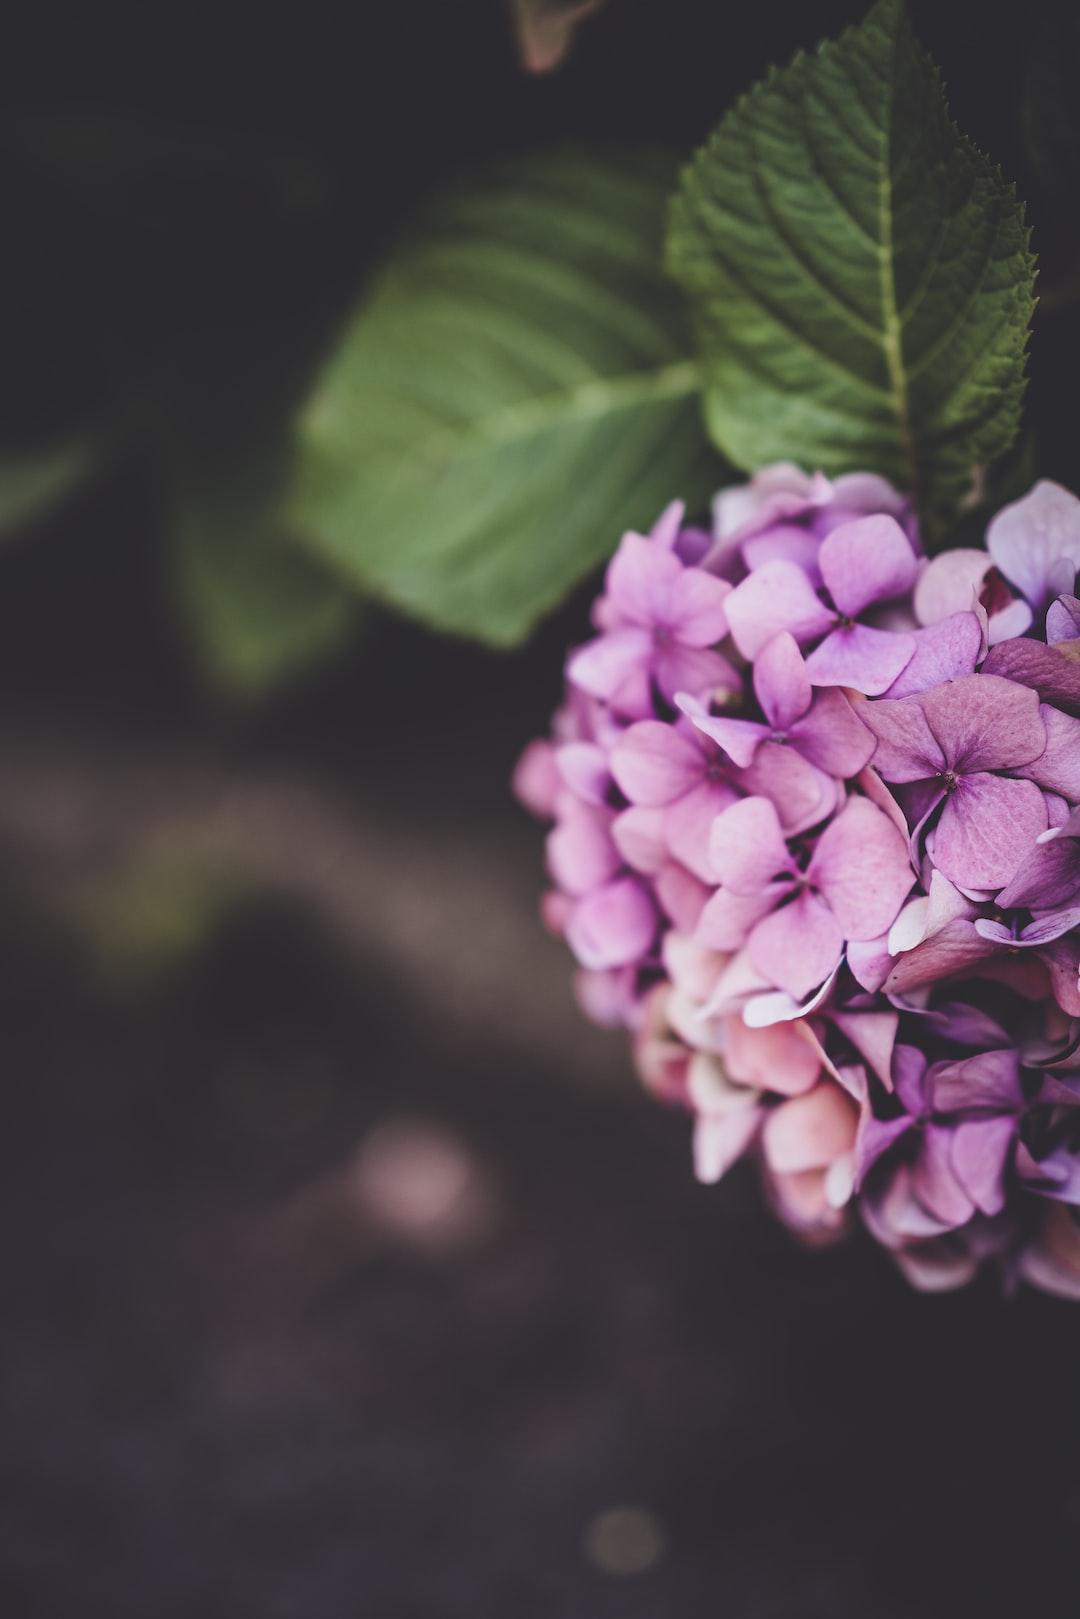 3973. Virágok